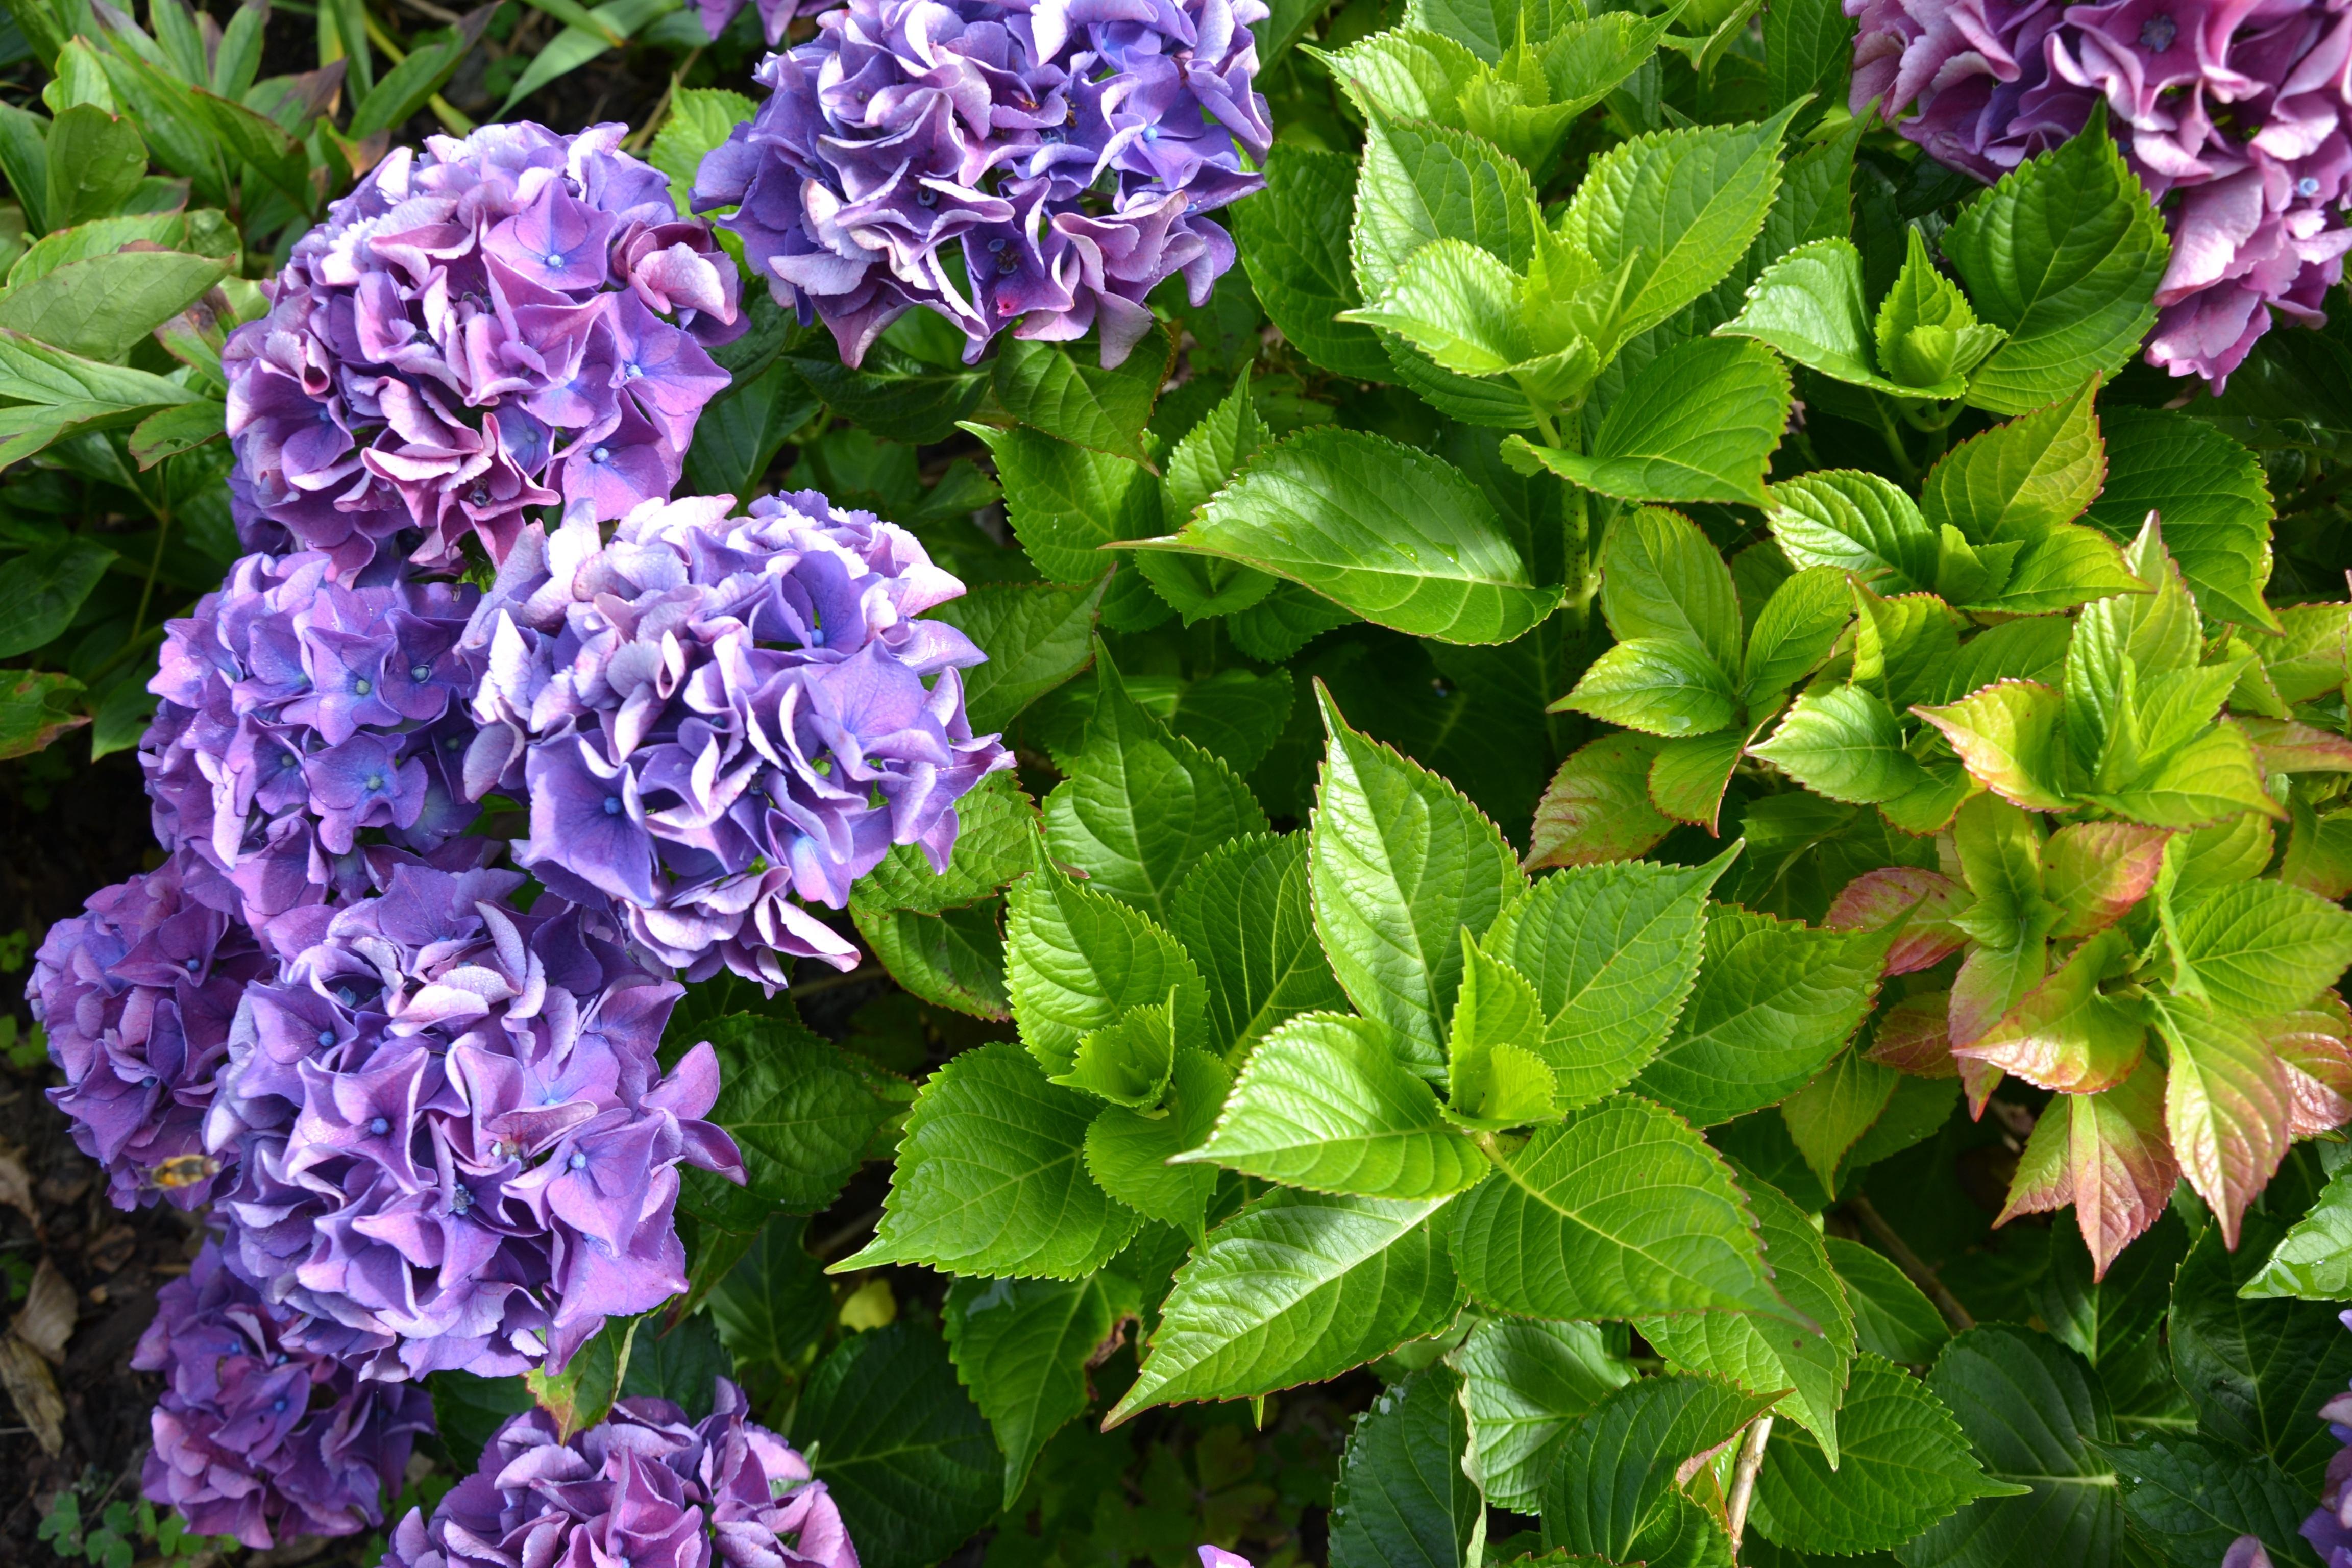 garten blumen lila, kostenlose foto : natur, grün, herbst, botanik, garten, schließen, Design ideen